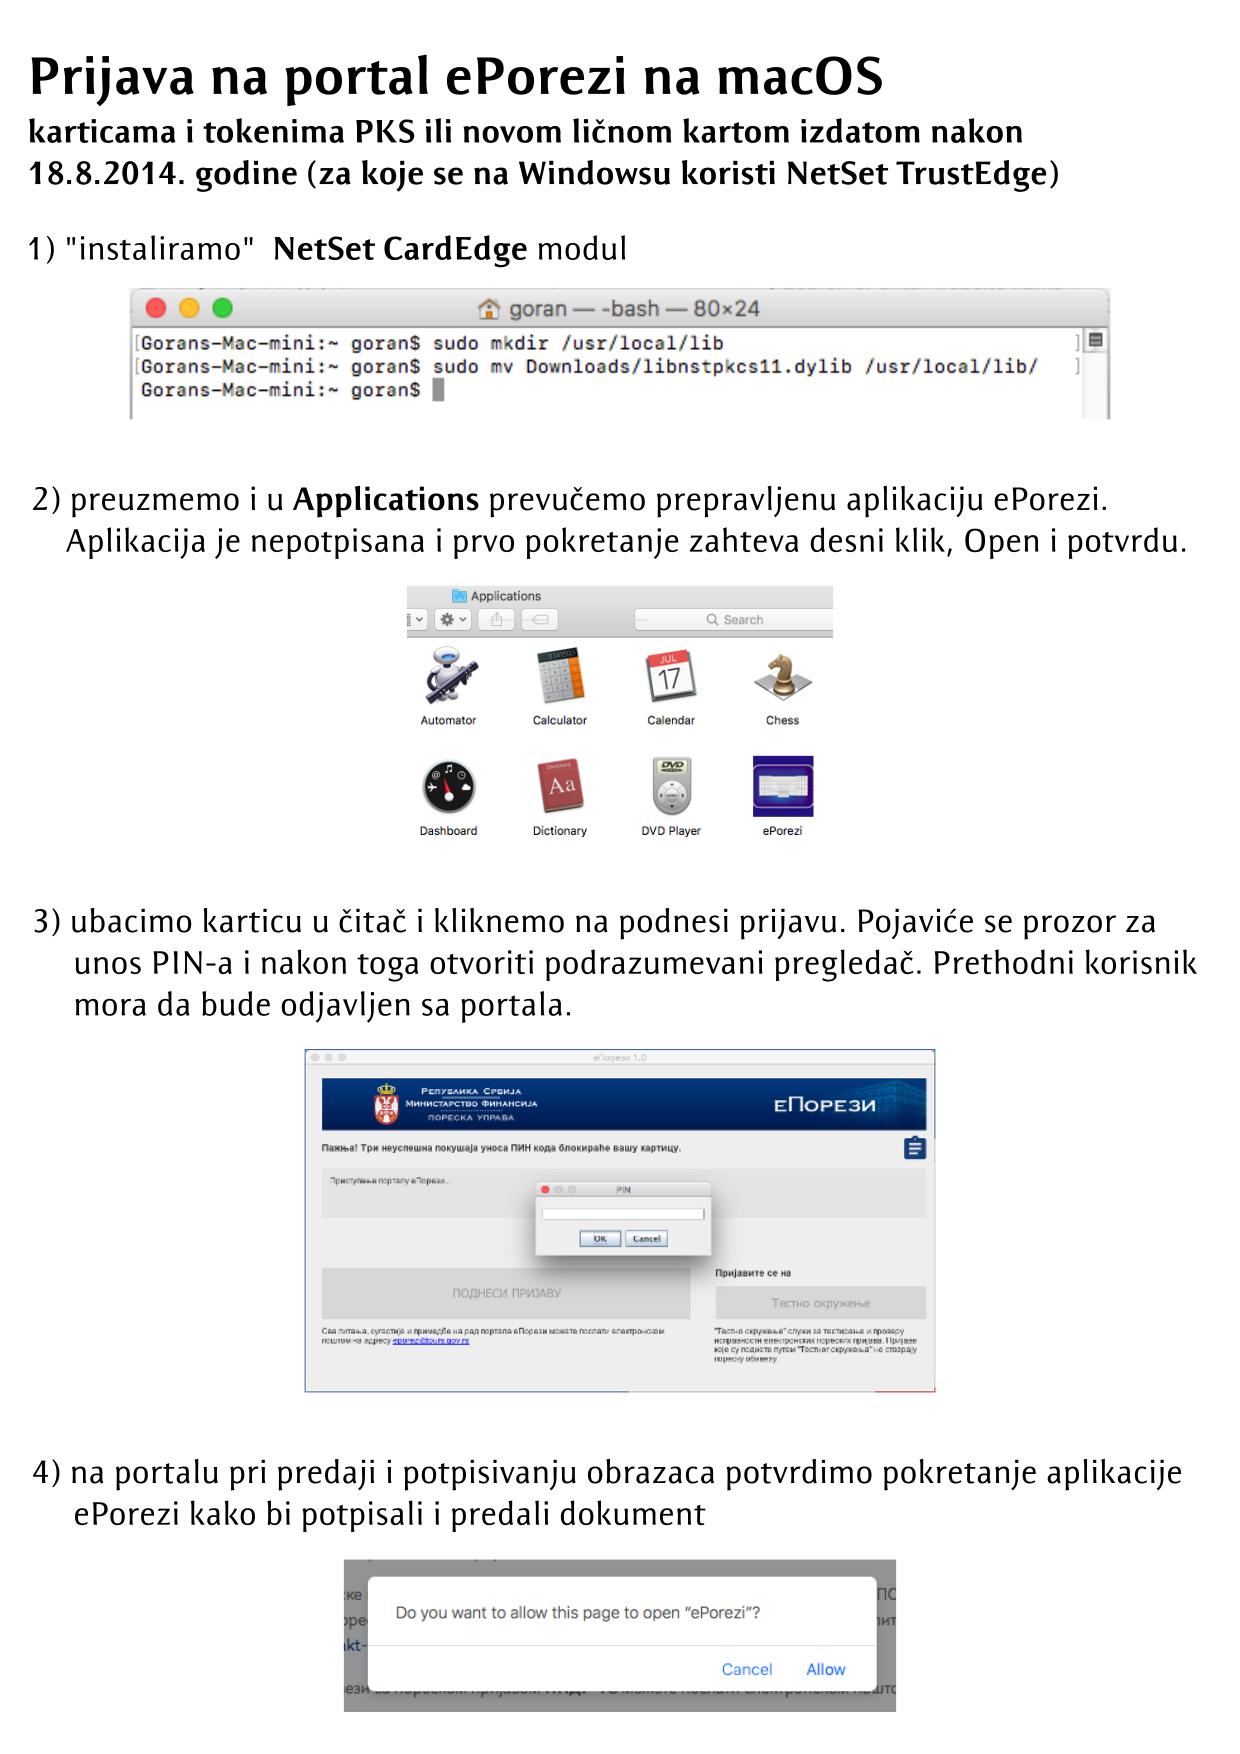 ePorezi_mac_cardedge.png